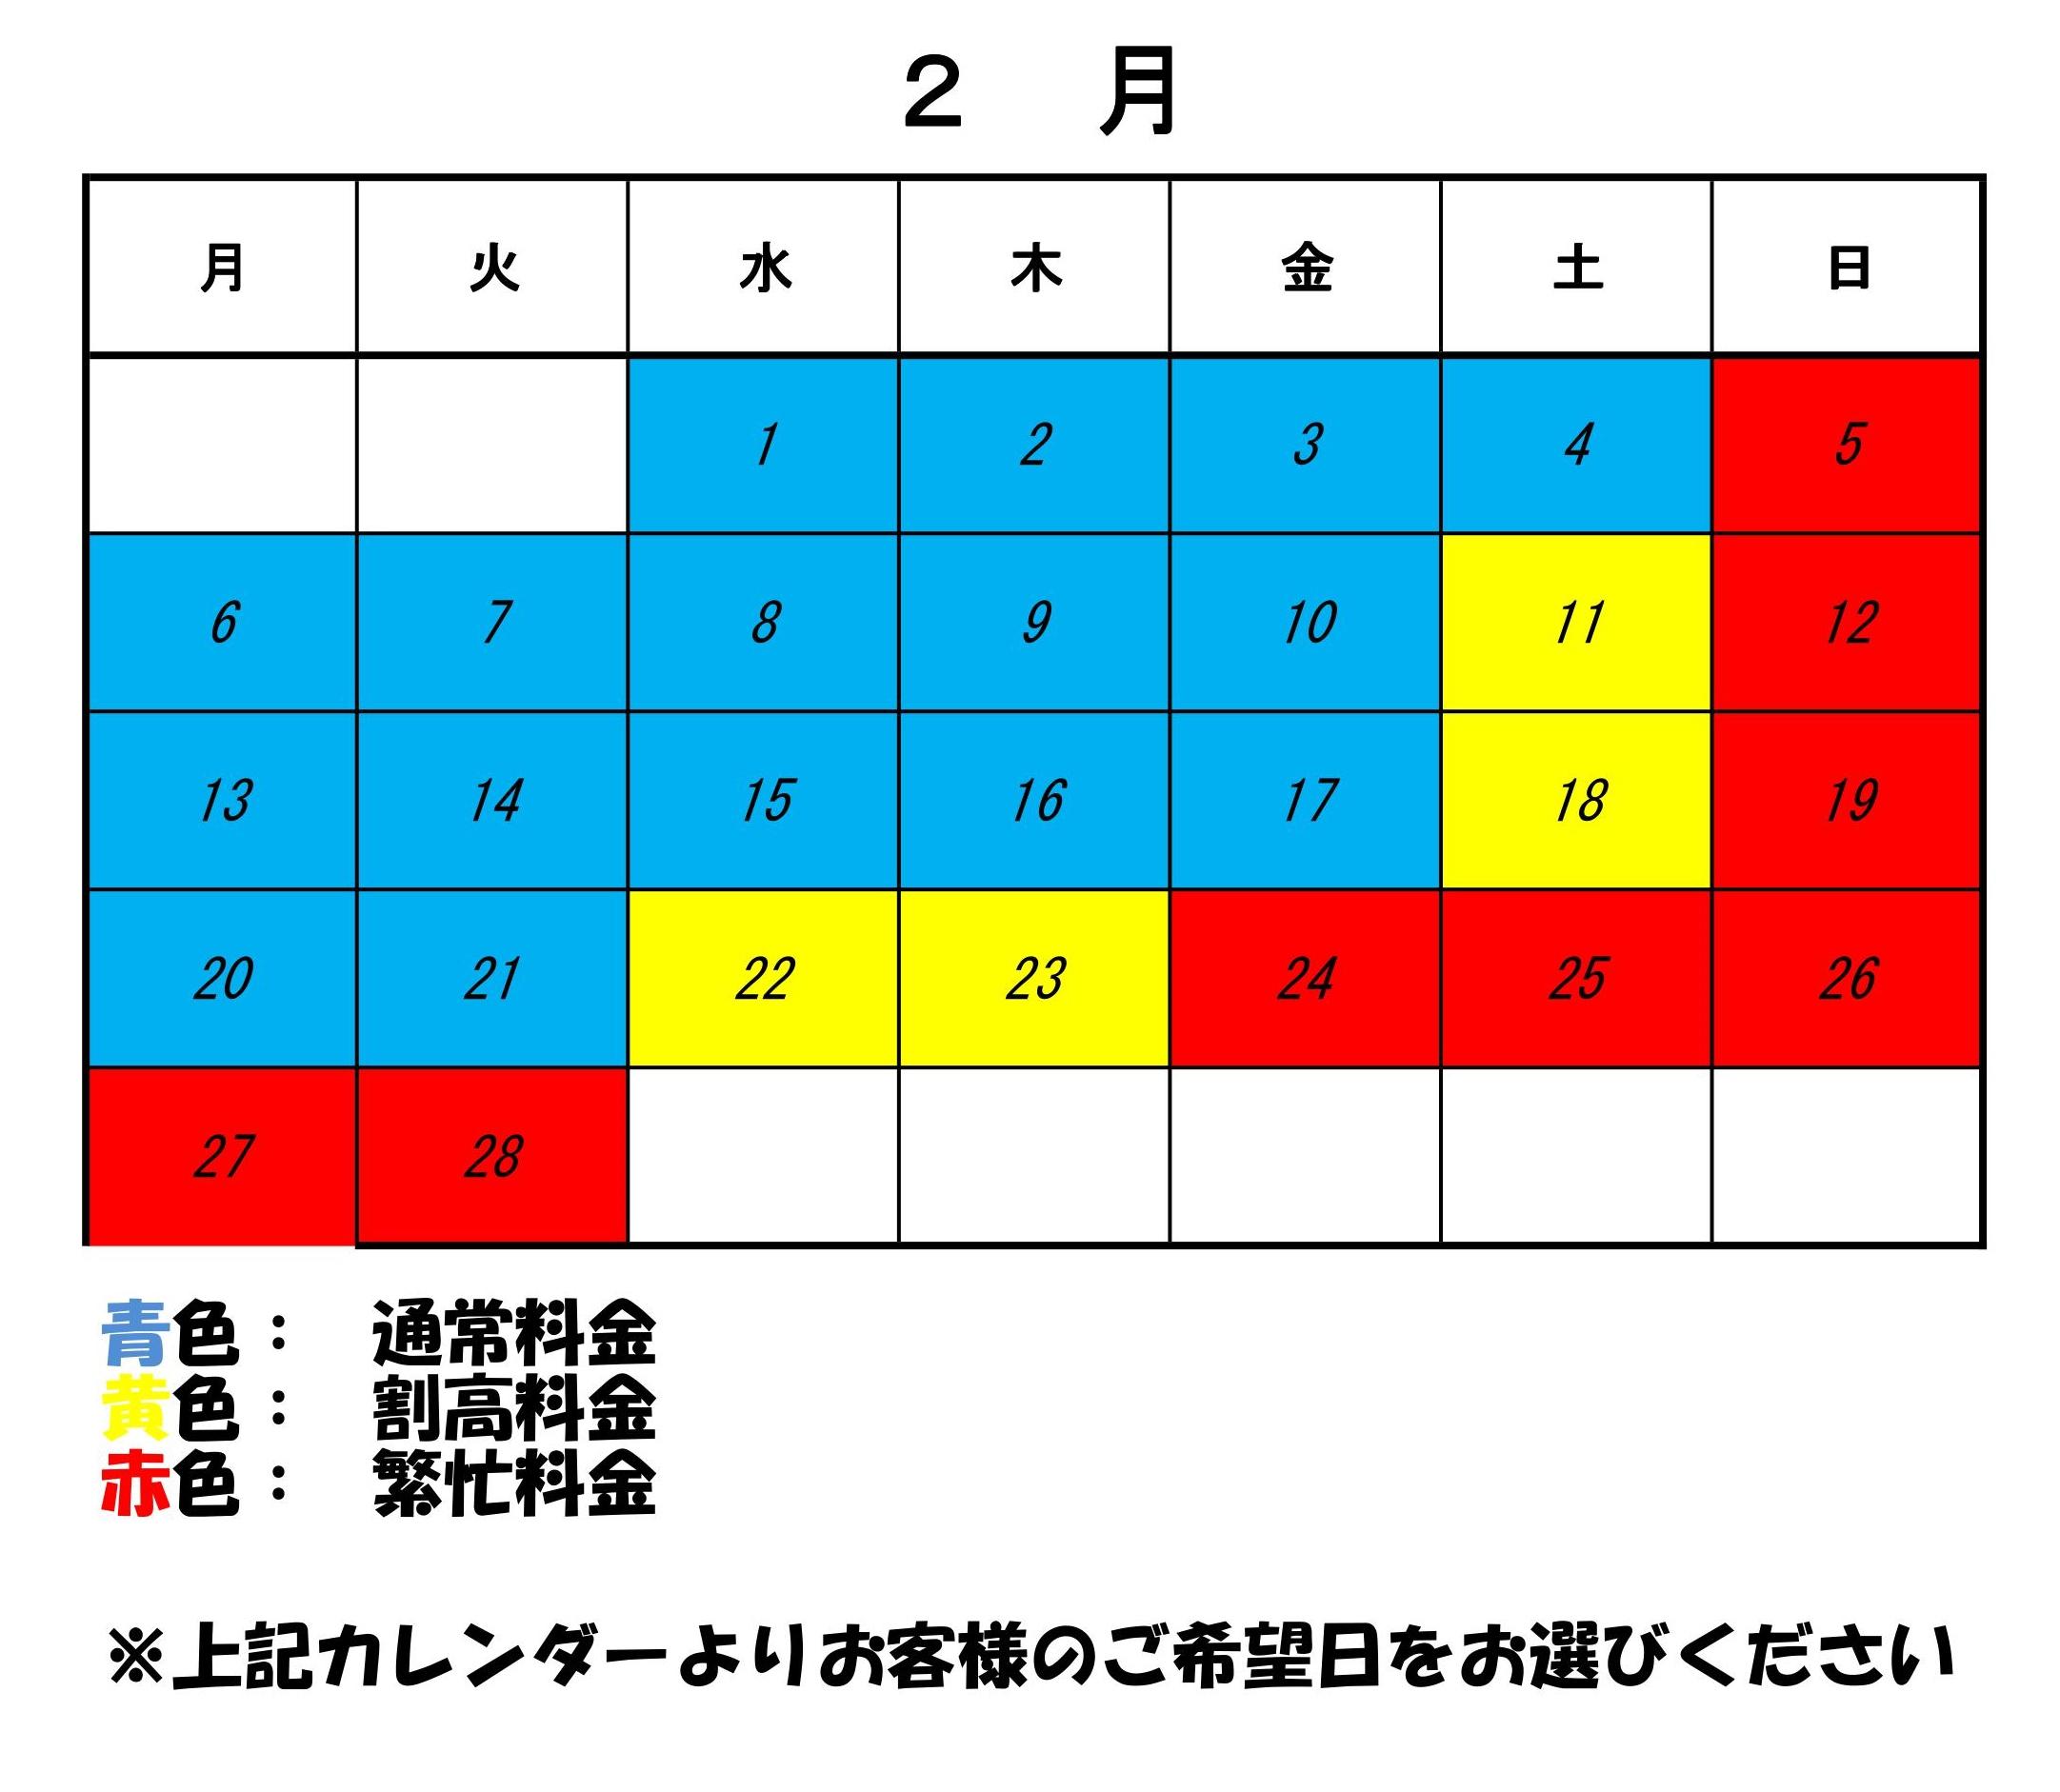 http://www.ikedapiano.co.jp/201702.jpg